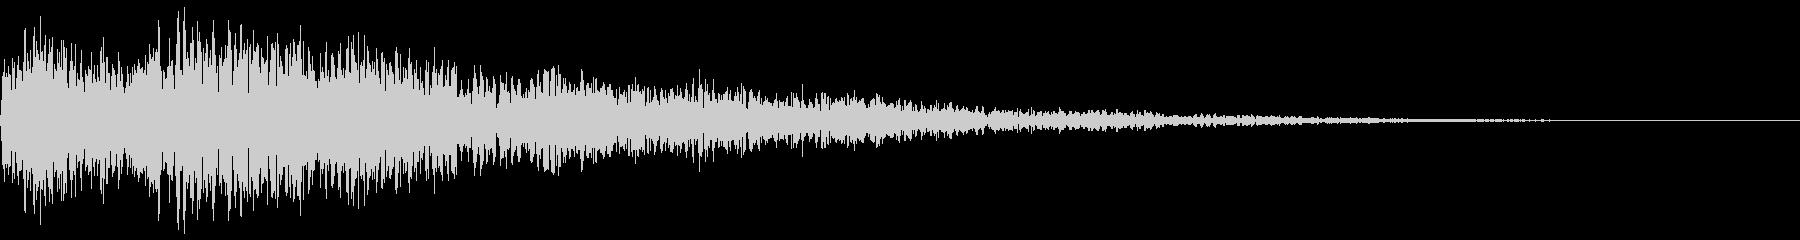 映像の頭などに使われる印象付け効果音の未再生の波形